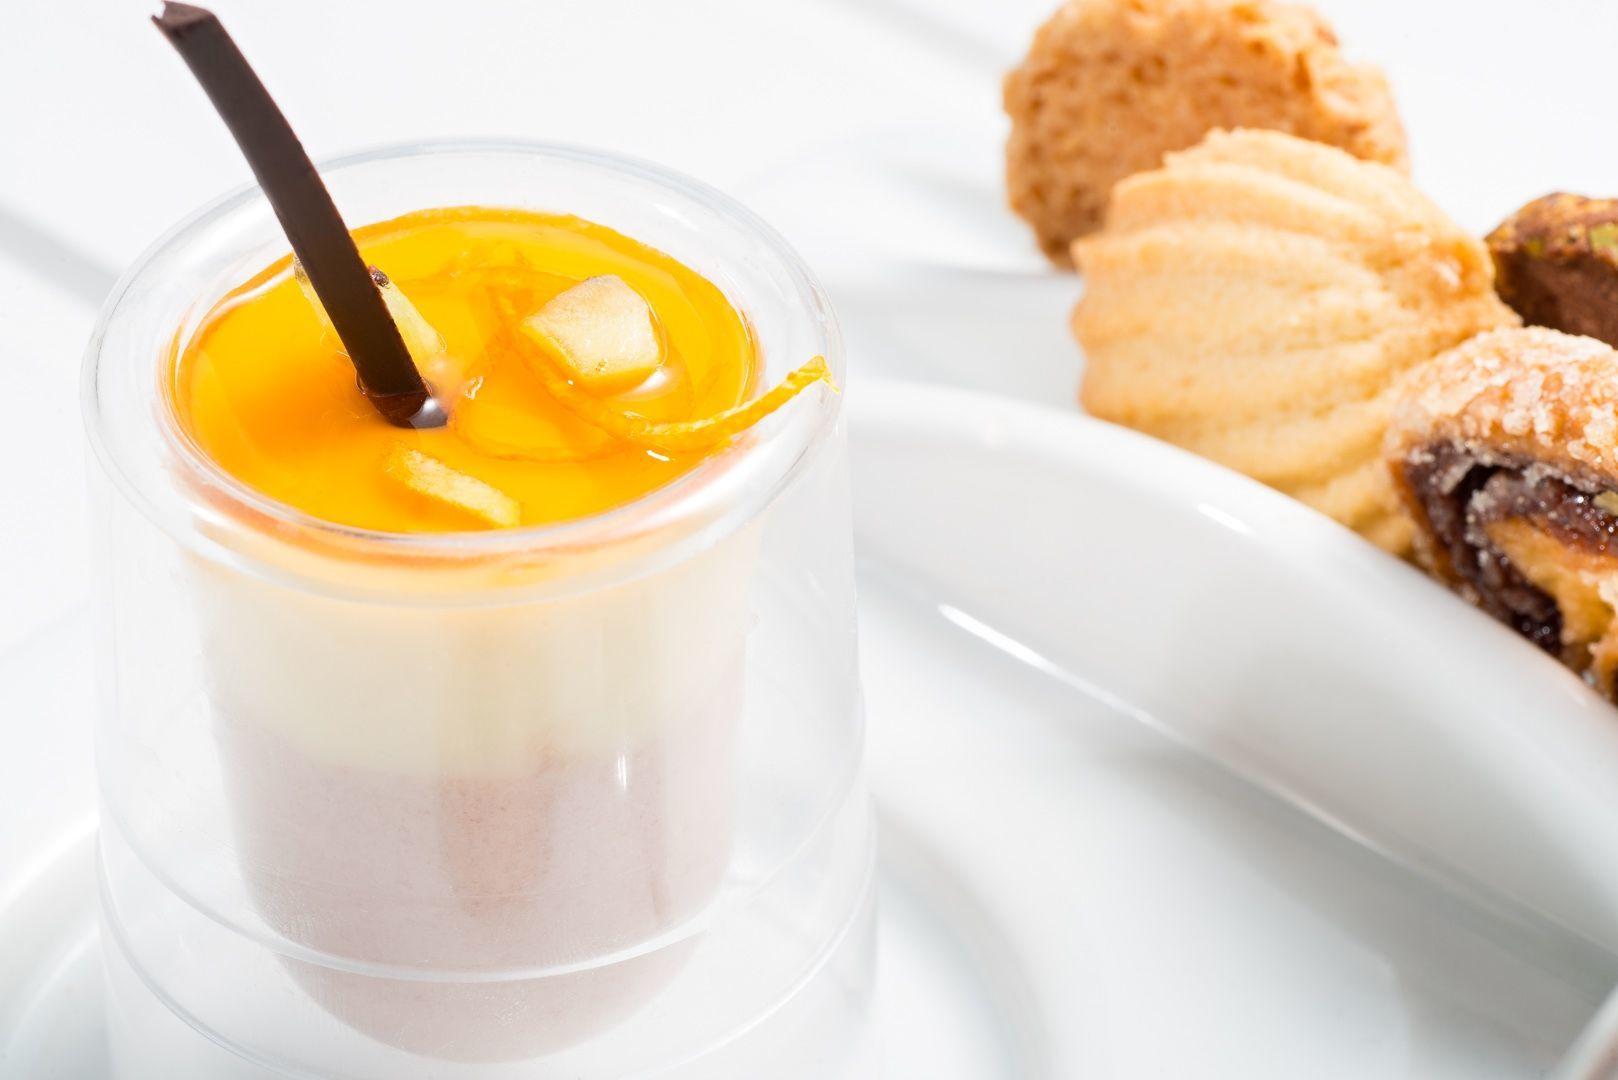 colazione al cucchiaio di angelo florio fotografo pubblicitario still life food gastronomia napoli roma italia